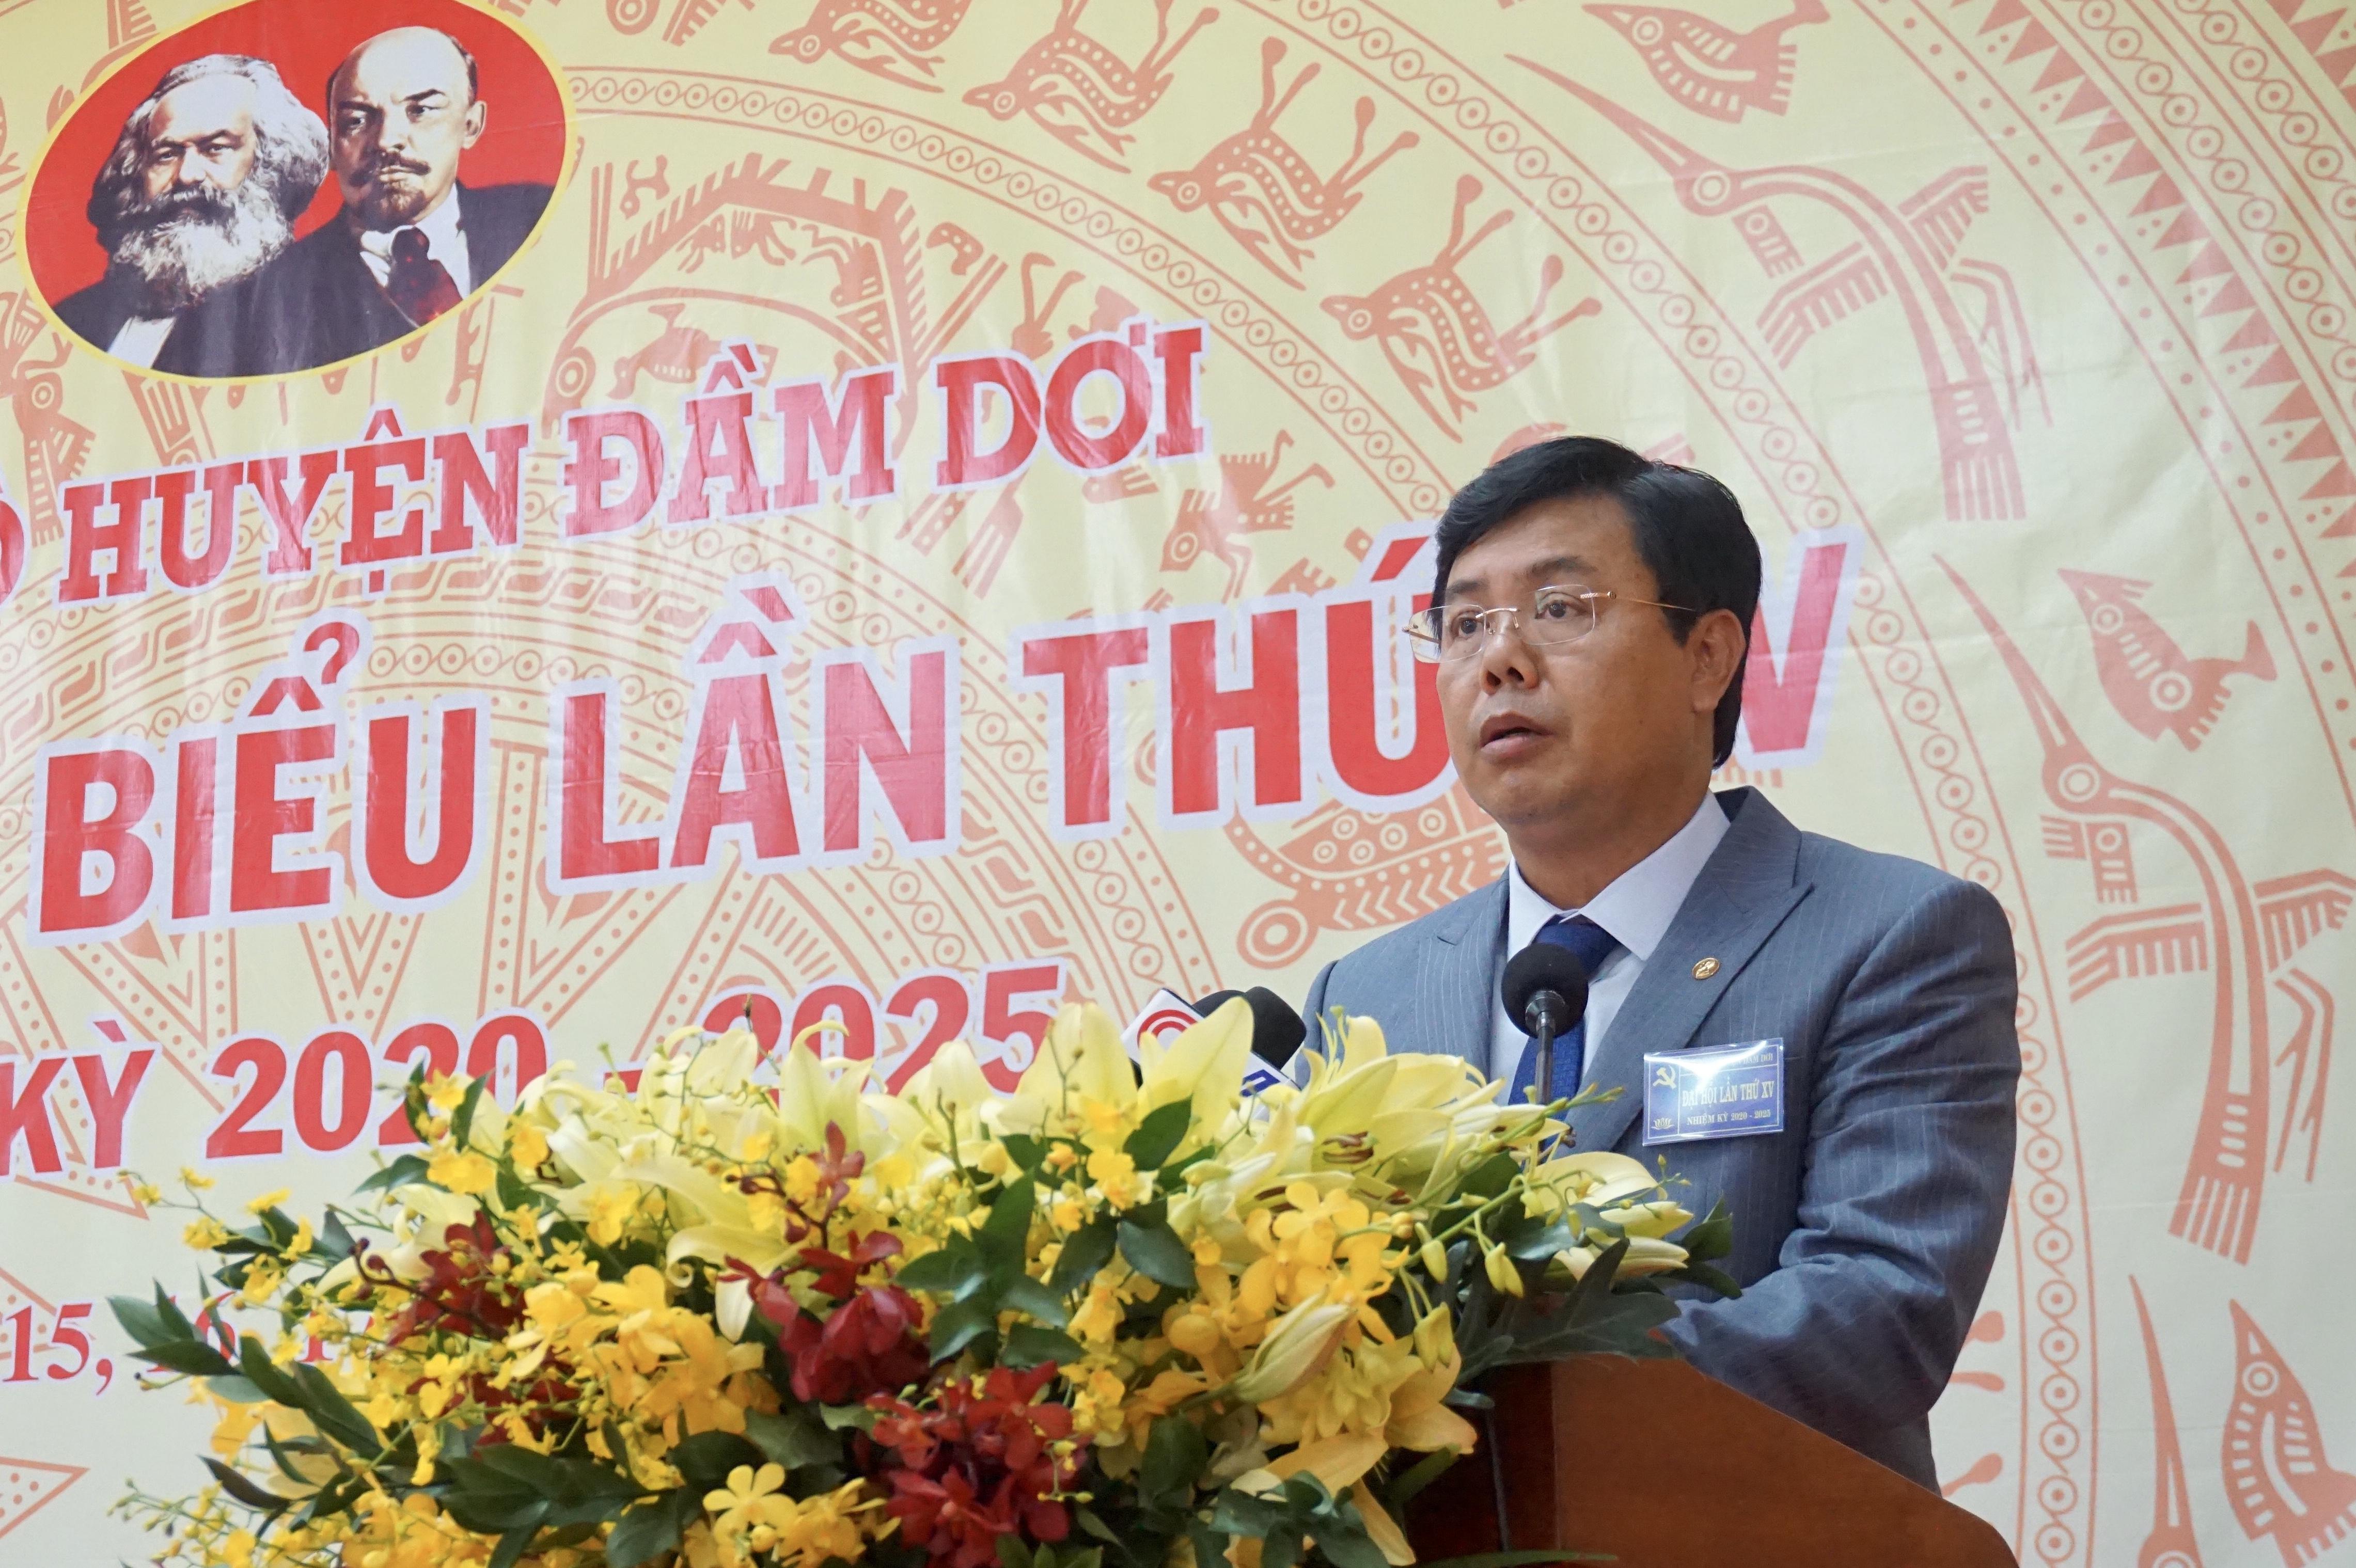 Đồng chí Nguyễn Tiến Hải, Bí thư Tỉnh ủy, Chủ tịch UBND tỉnh Cà Mau phát biểu chỉ đạo Đại hội